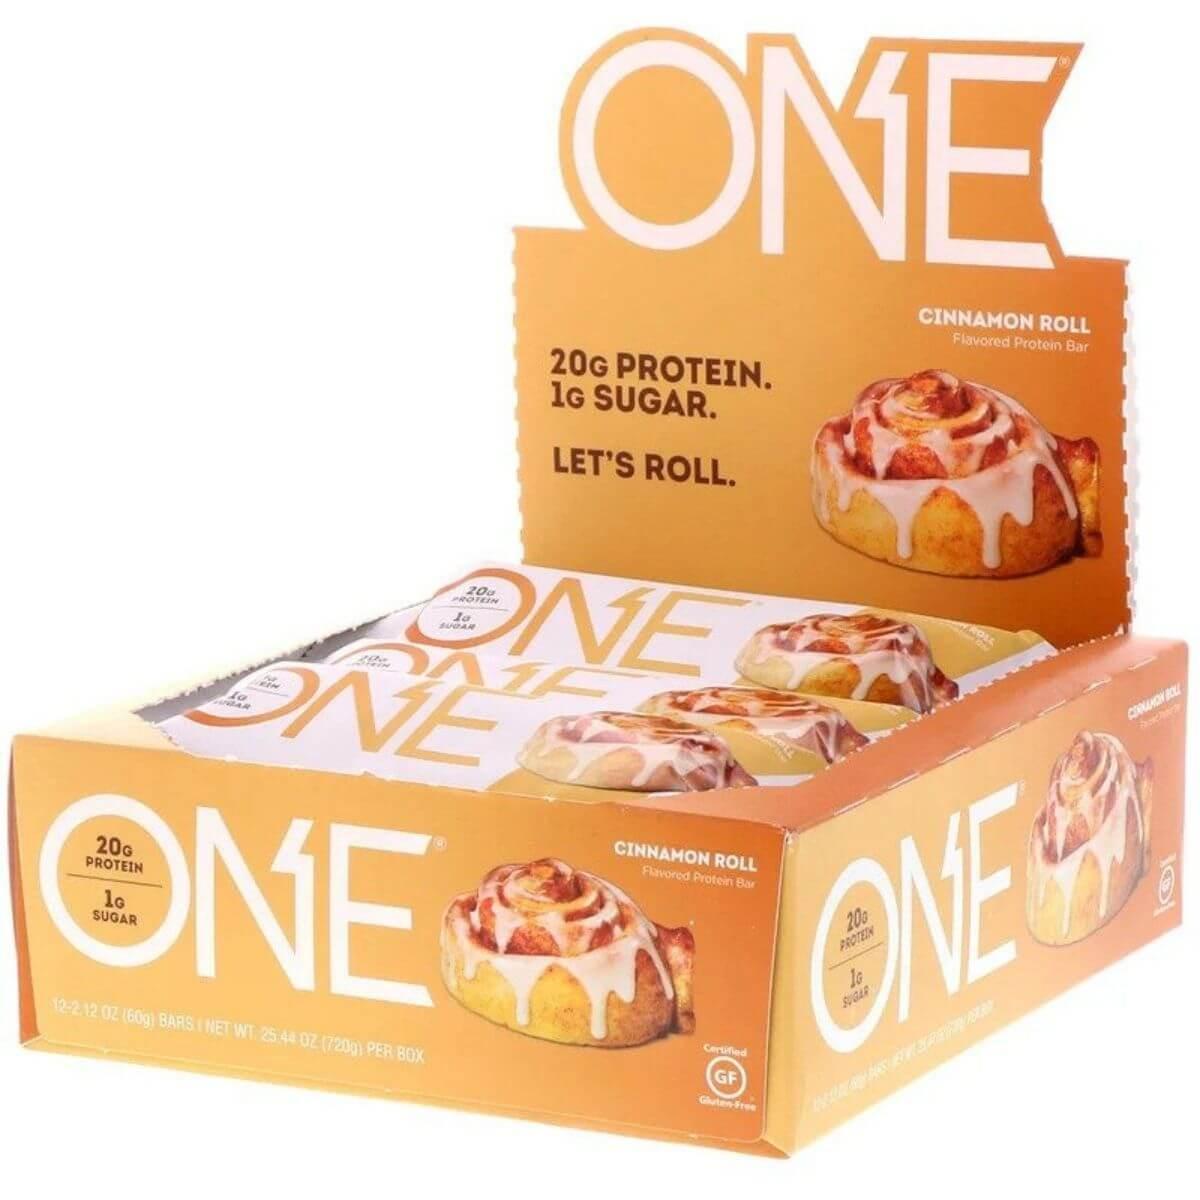 וואן חטיף חלבון בטעם מאפה קינמון, משקל 60 ג' ללא גלוטן- מארז 12 חטיפיםתמונה של